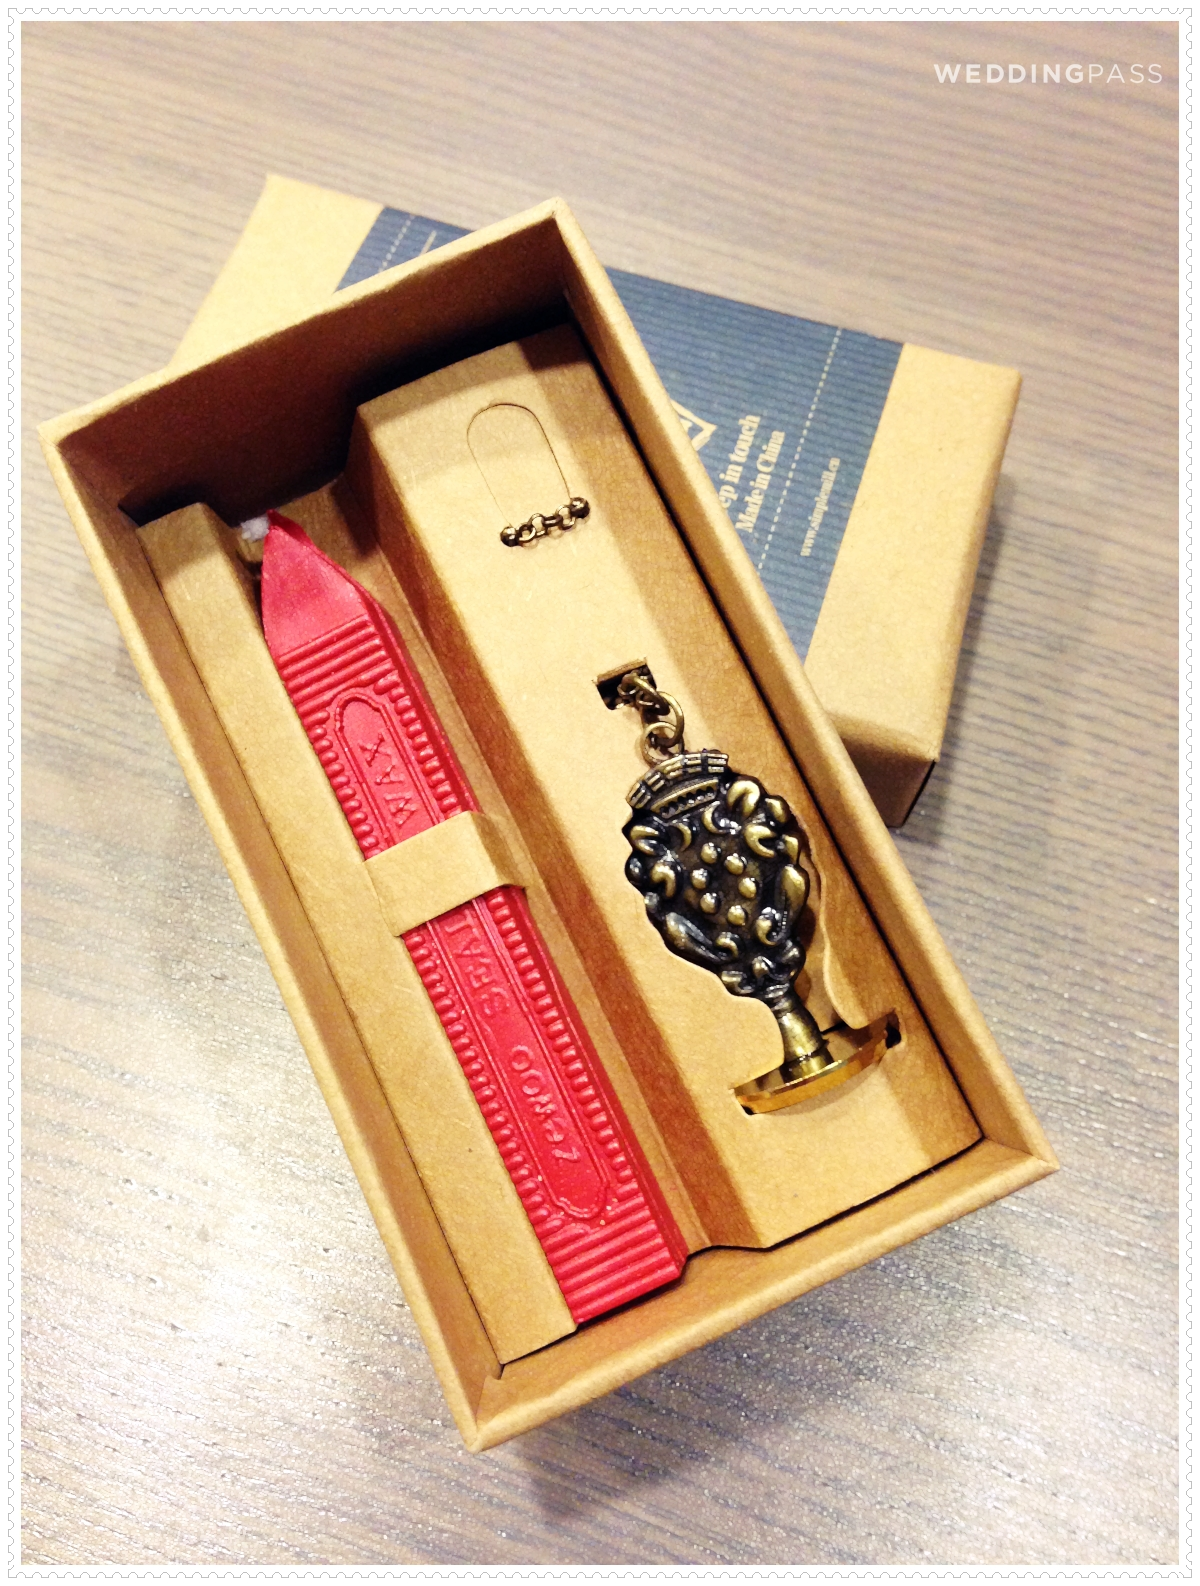 ( 項鍊印章x1 + 紅色封蠟條(帶蕊) + 紙盒) $ 380, 7折價只要266元